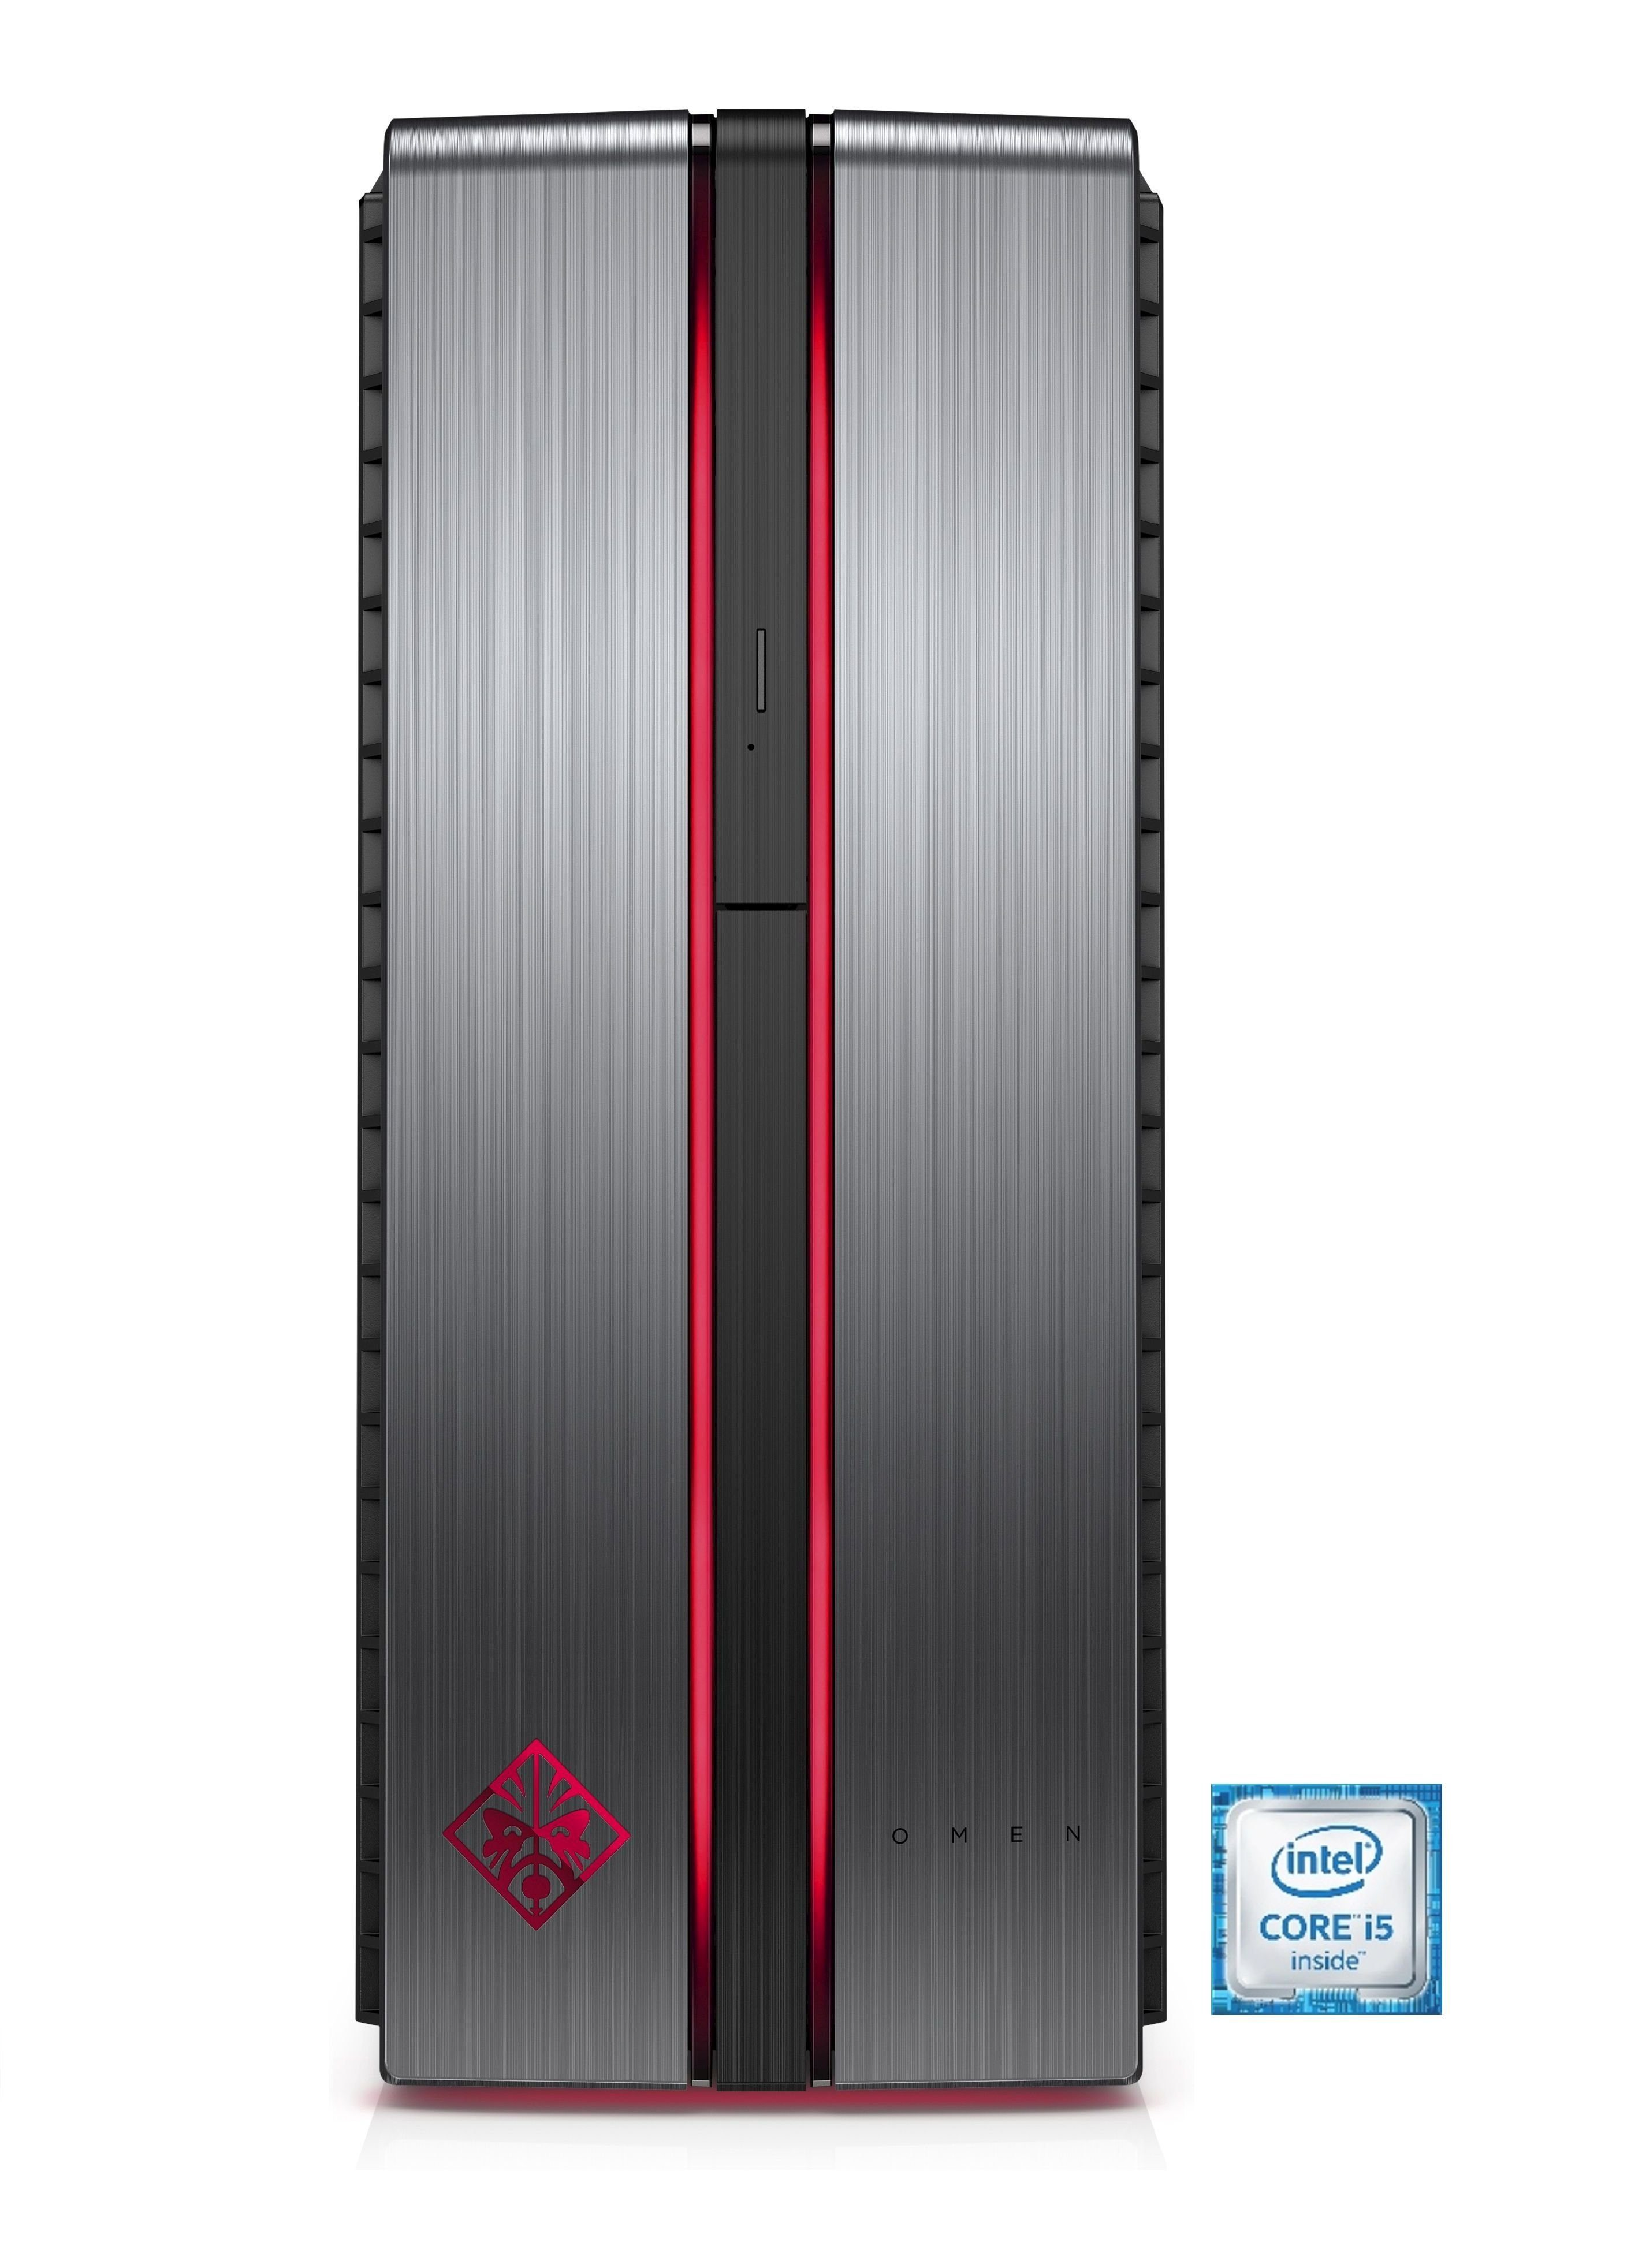 HP Gaming OMEN by HP 870-058ng PC »Intel Core i5, GTX 1070, 128 GB + 1 TB, 16 GB«